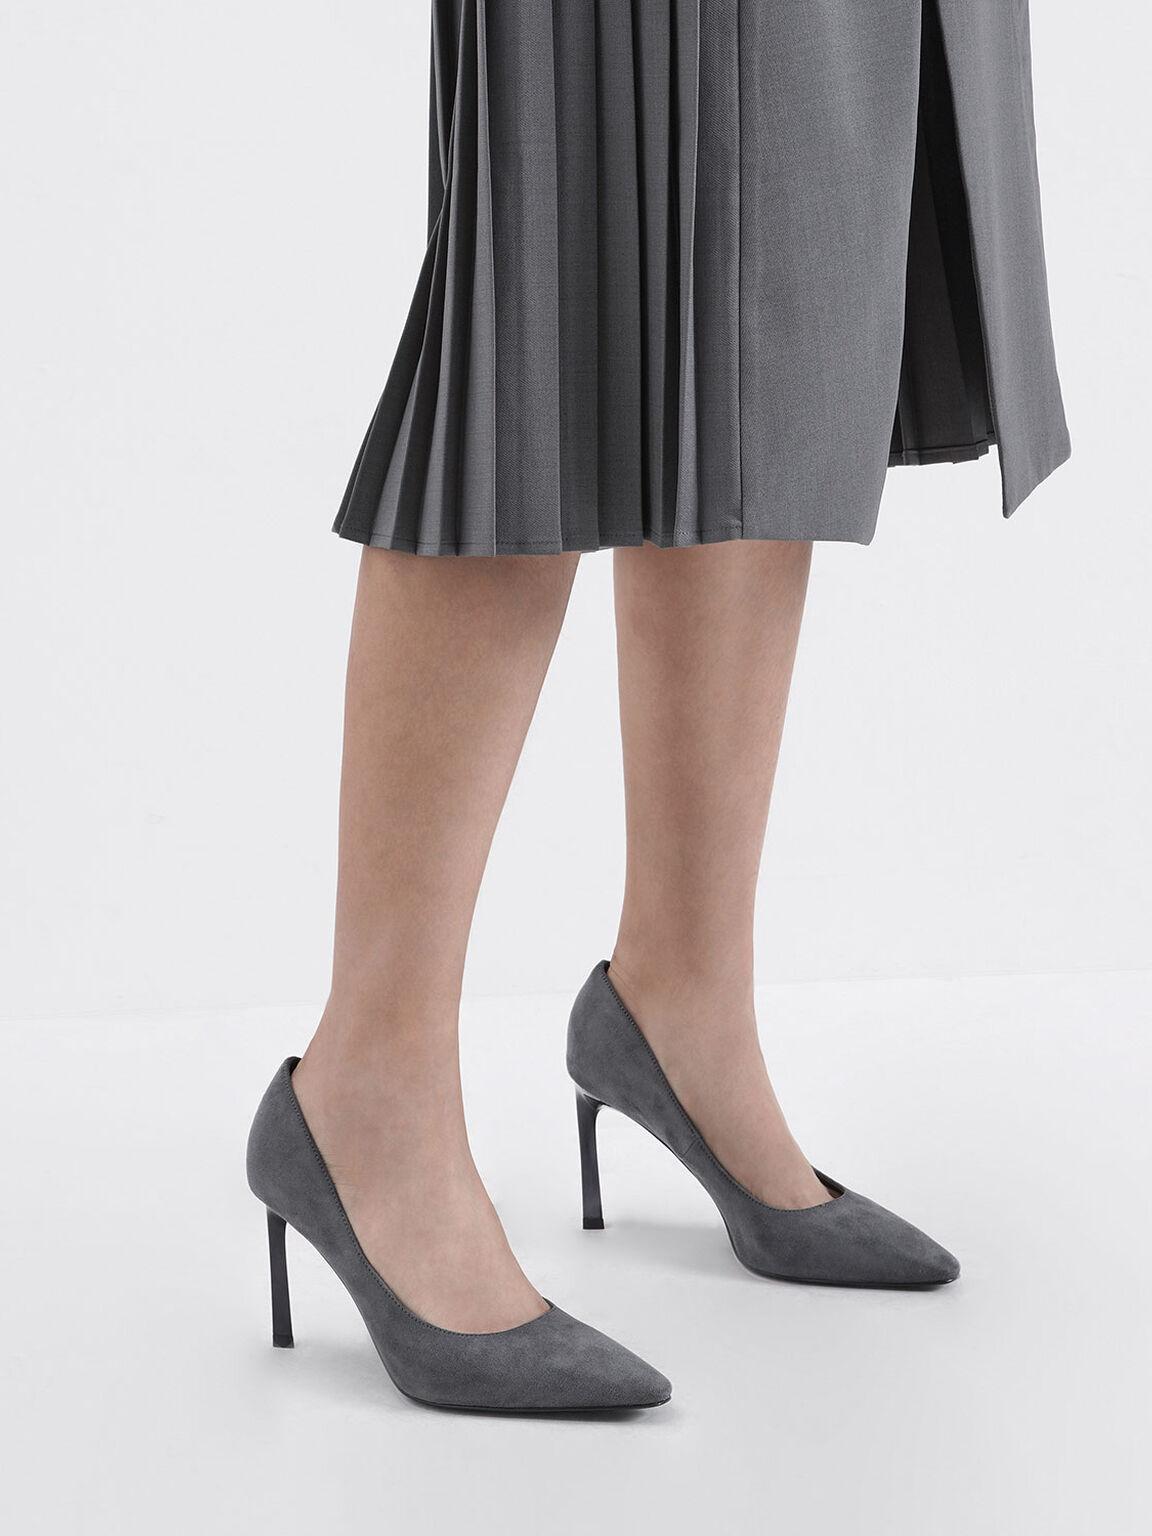 簡約尖頭細跟鞋, 深灰色, hi-res